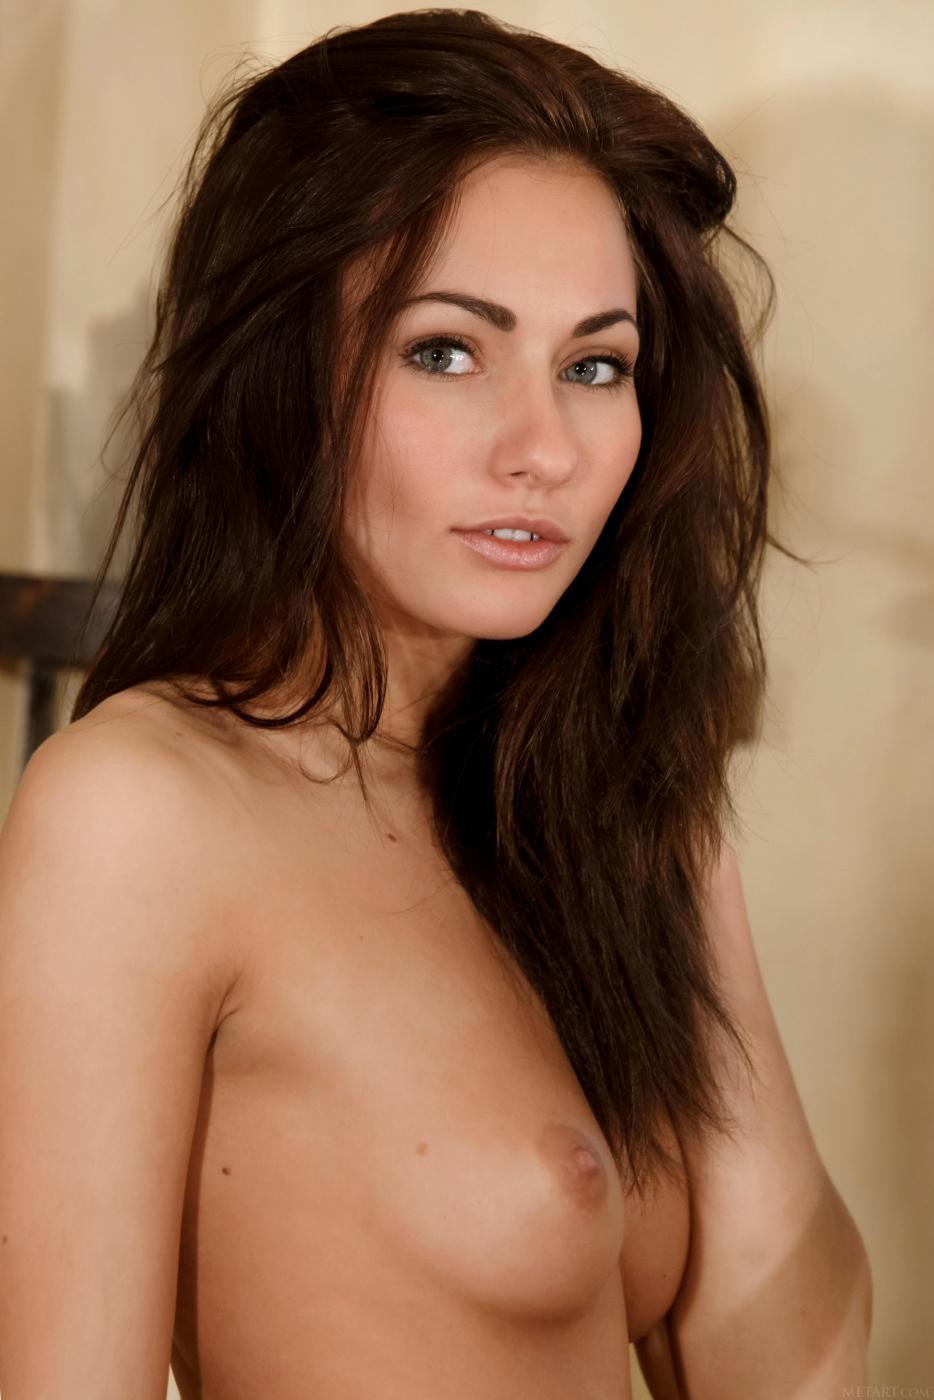 Сексуальная и красивая шатенка Michaela Isizzu показывает свое сладкое туловище на камеру